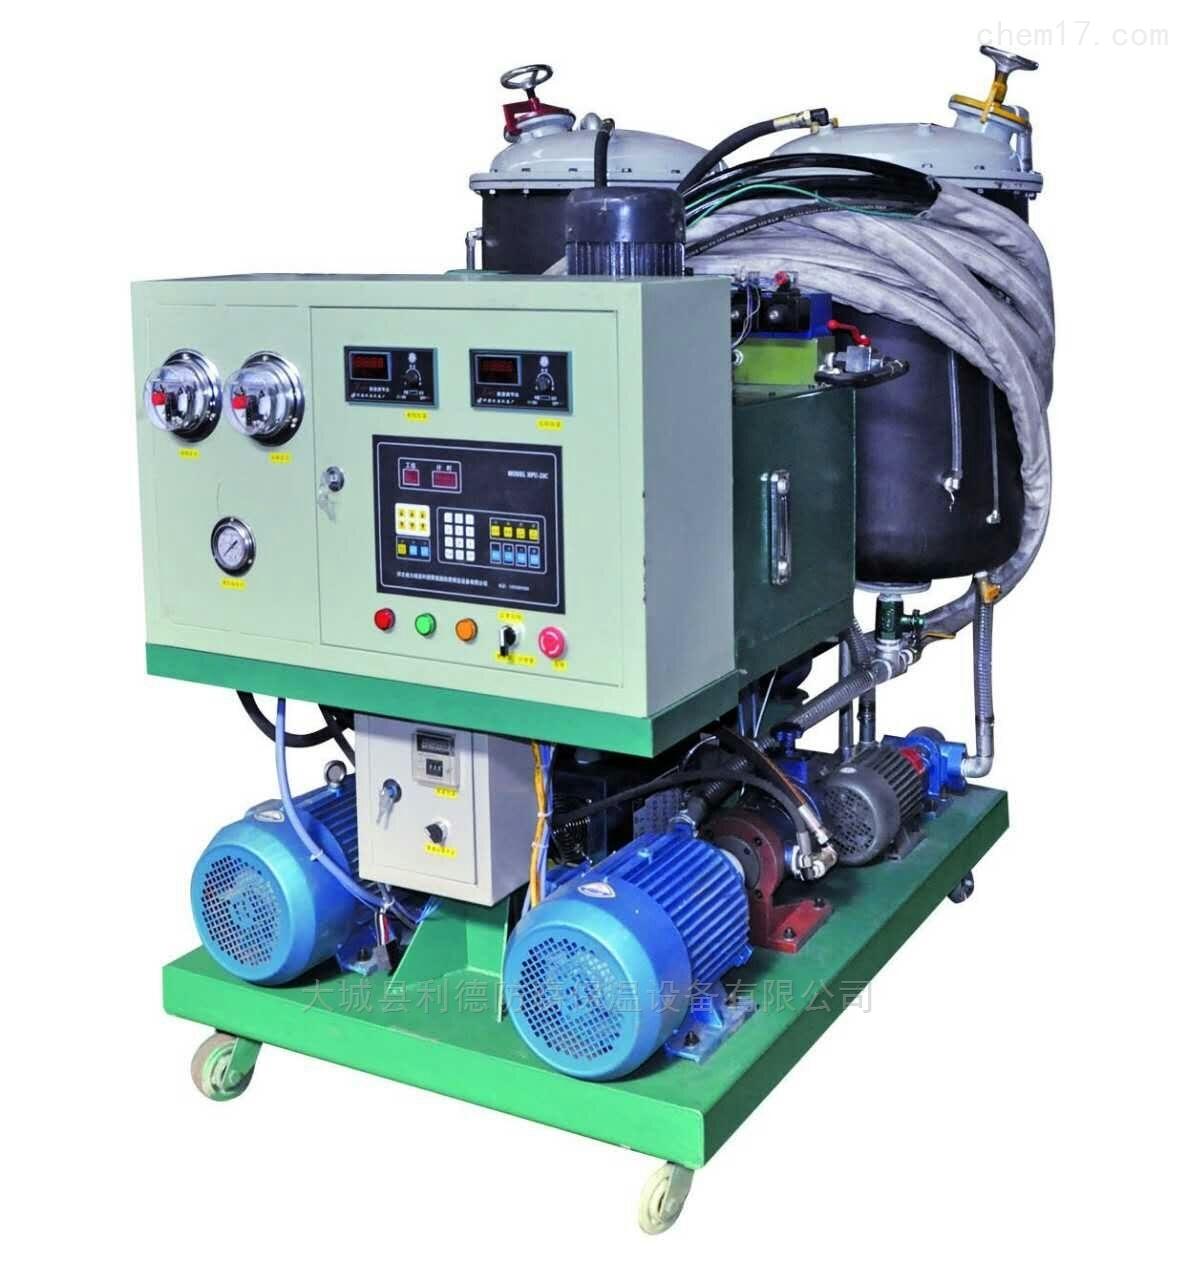 聚氨酯高压补扣机 配置参数